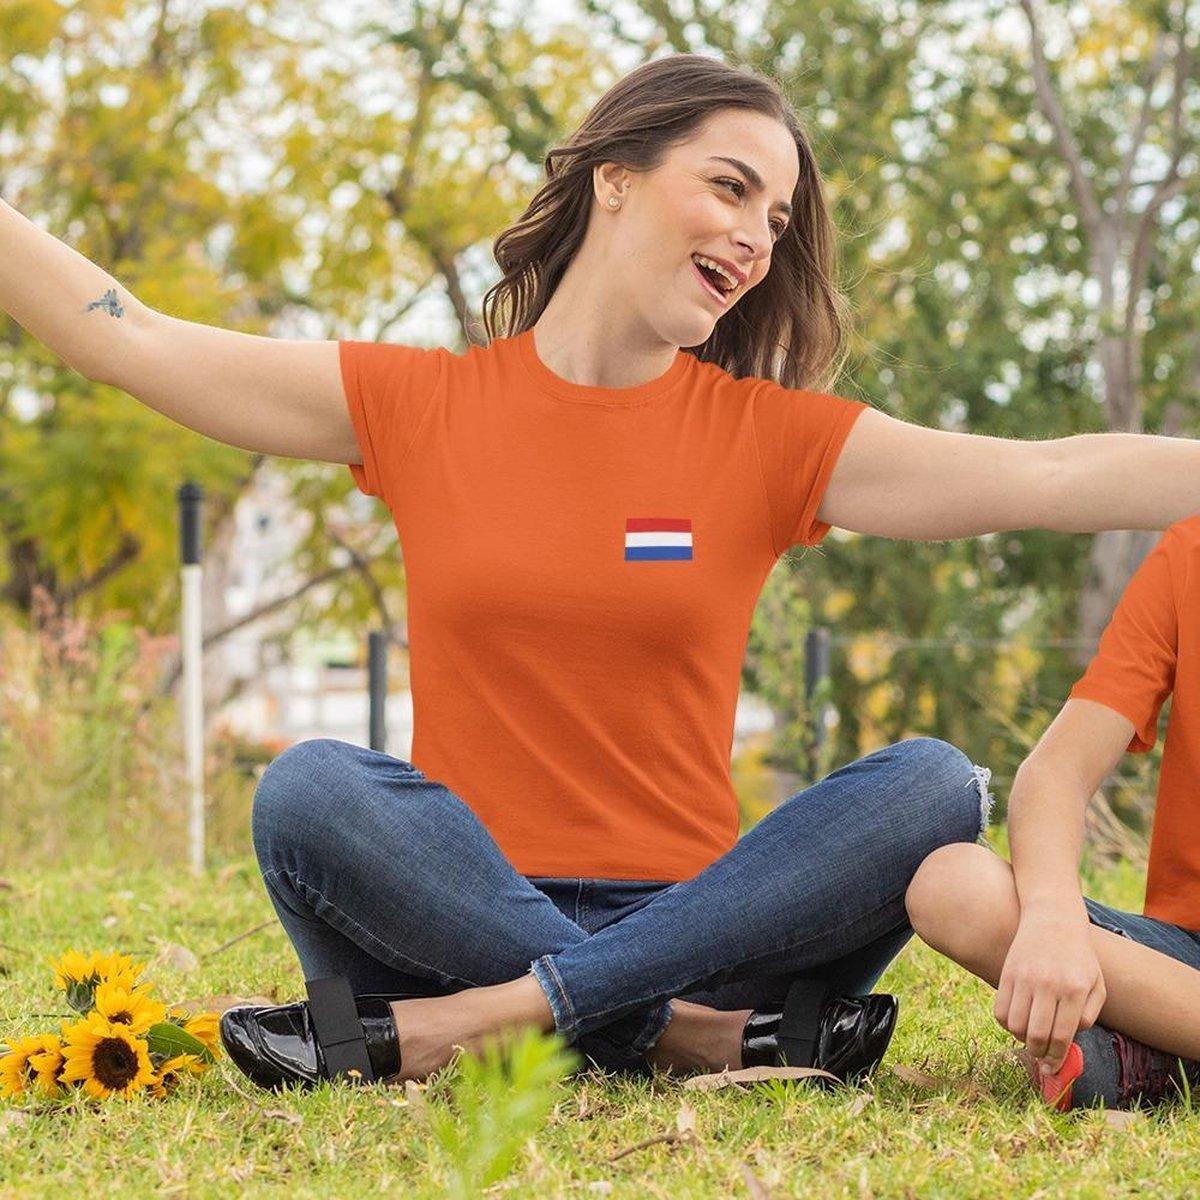 EK WK & Koningsdag T-Shirt Nederlandse Vlag (DAMES - MAAT M)   Oranje Kleding   Feestkleding